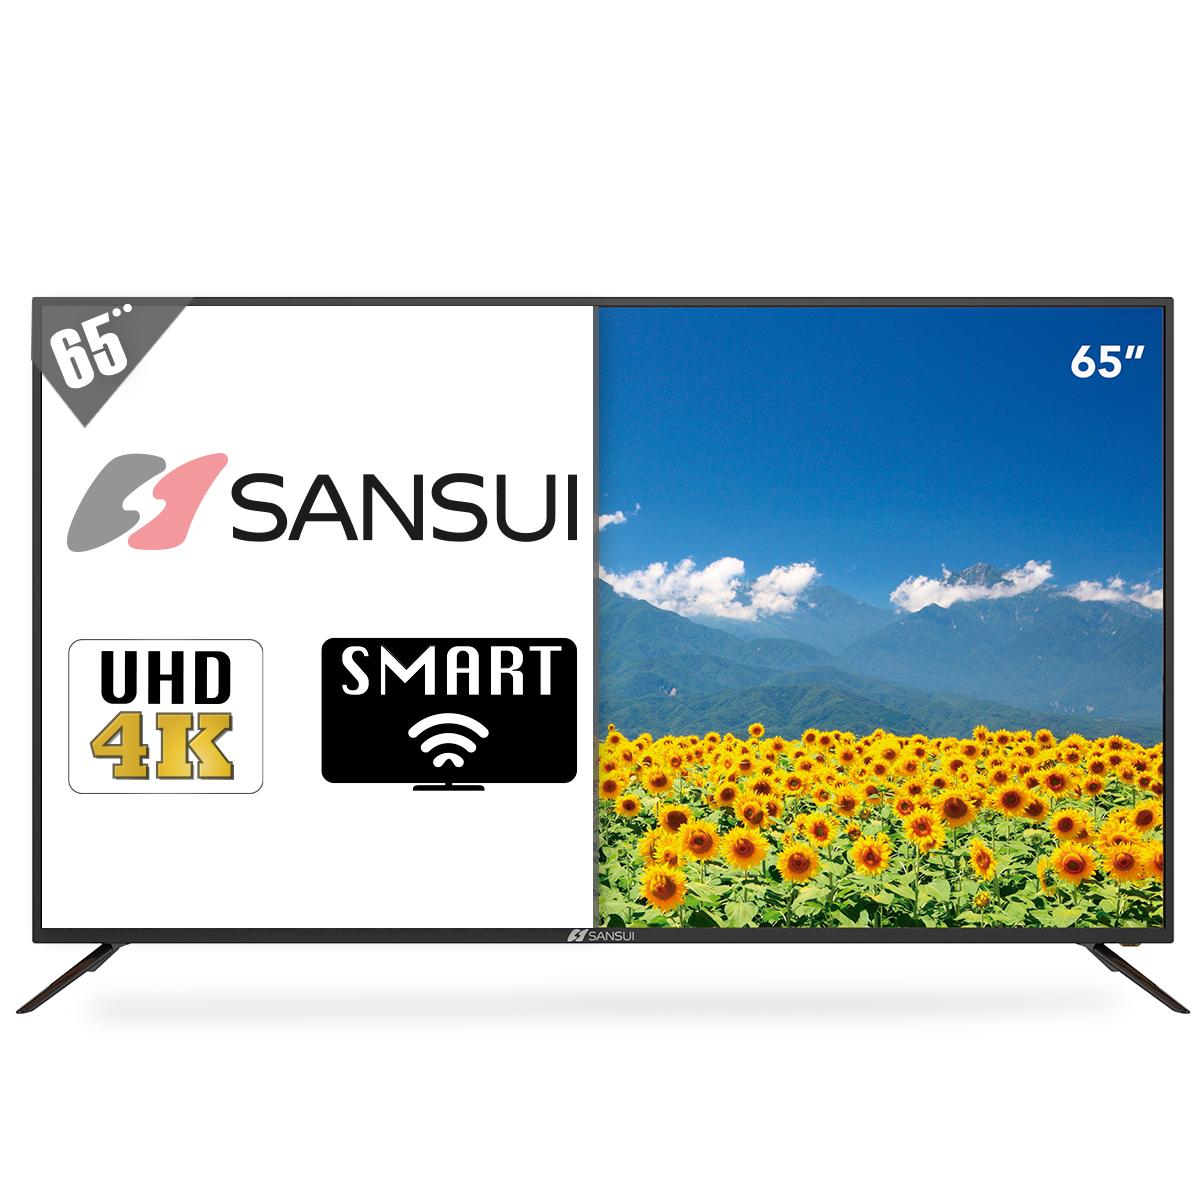 Radioshack PANTALLA SANSUI SMX6519NUSM (65 PULG., UHD 4K, SMART TV)